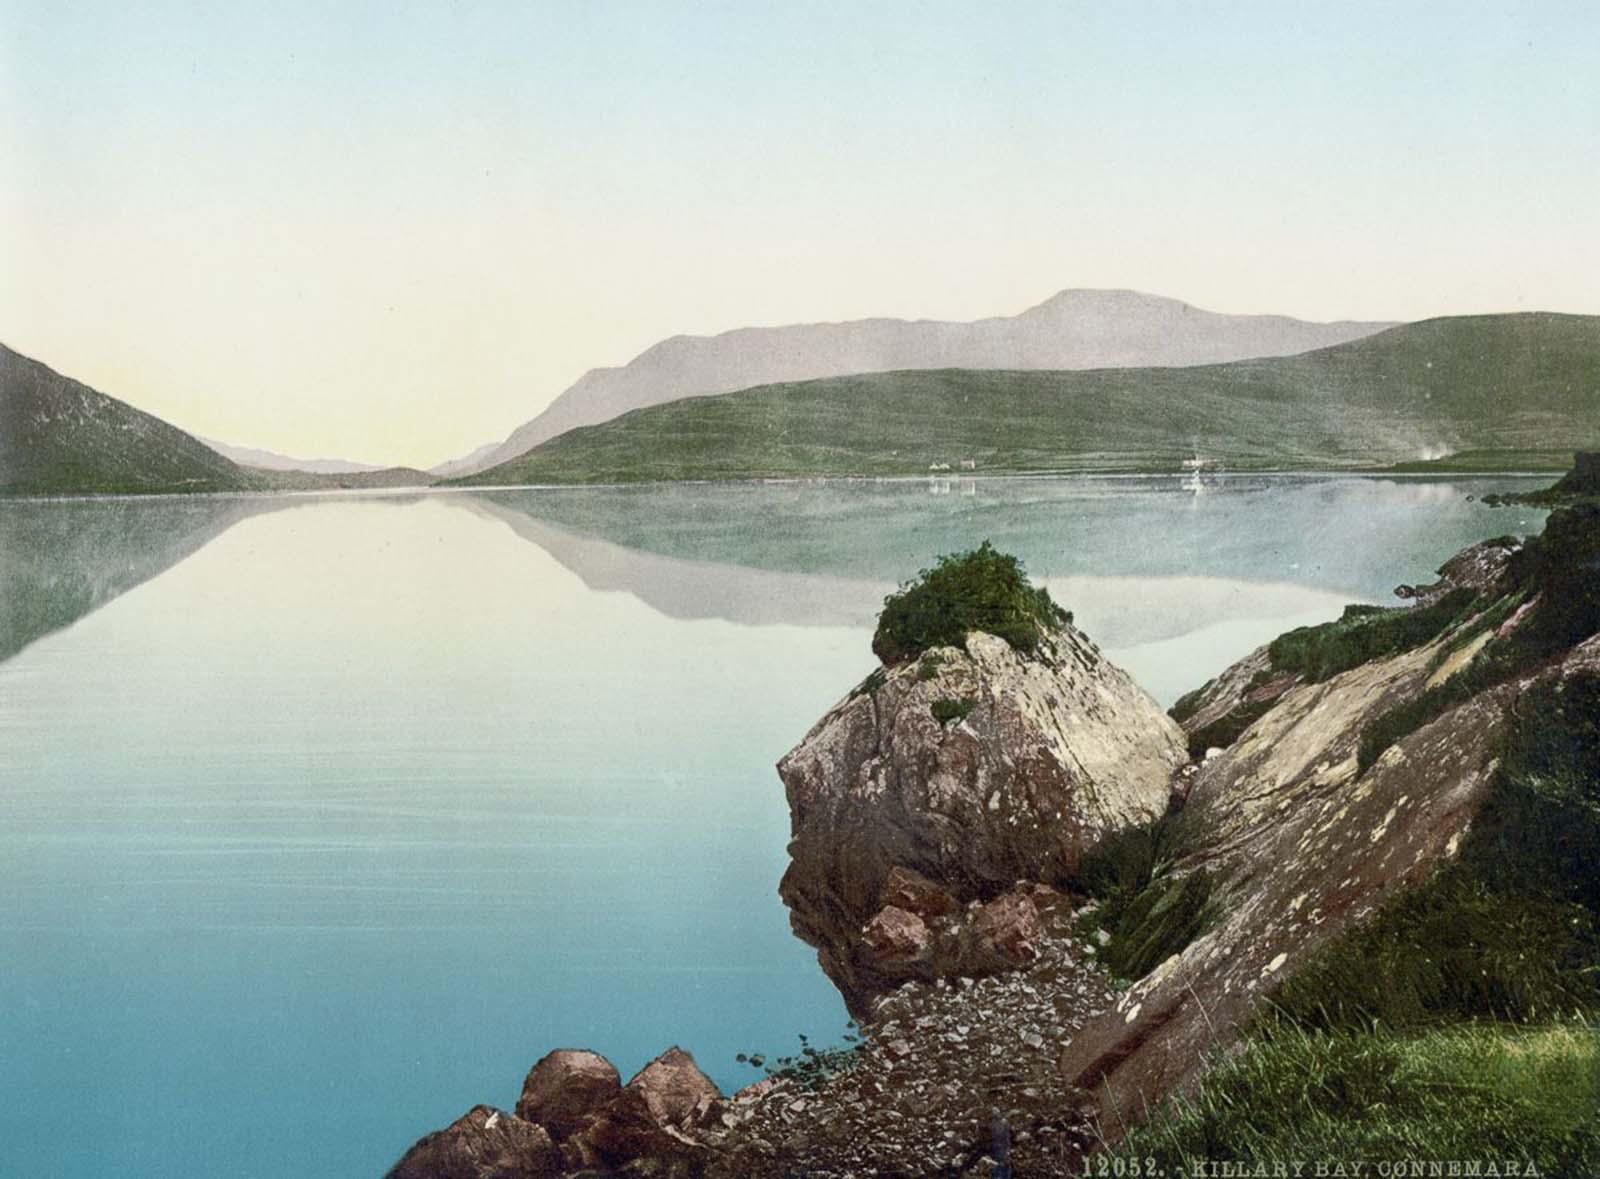 Les cartes postales photochrom capturent l'Irlande dans des couleurs vives, 1890